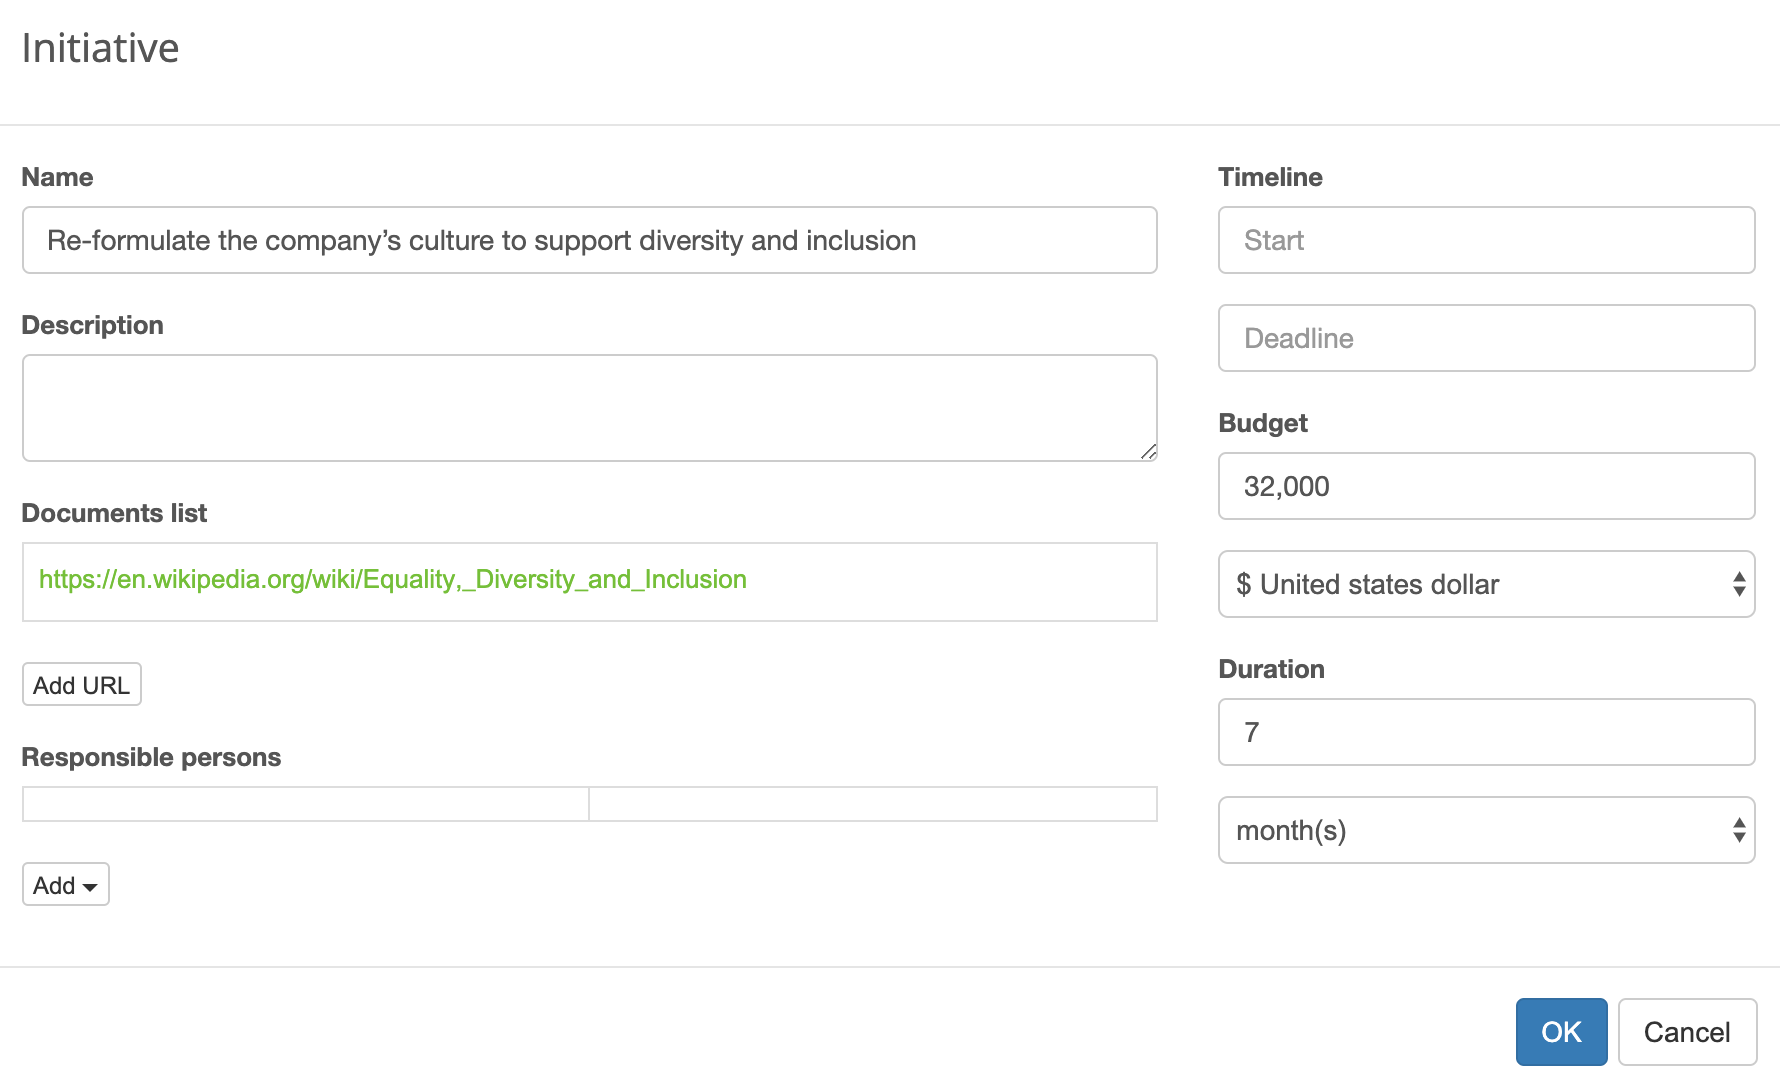 Initiative in BSC Designer software